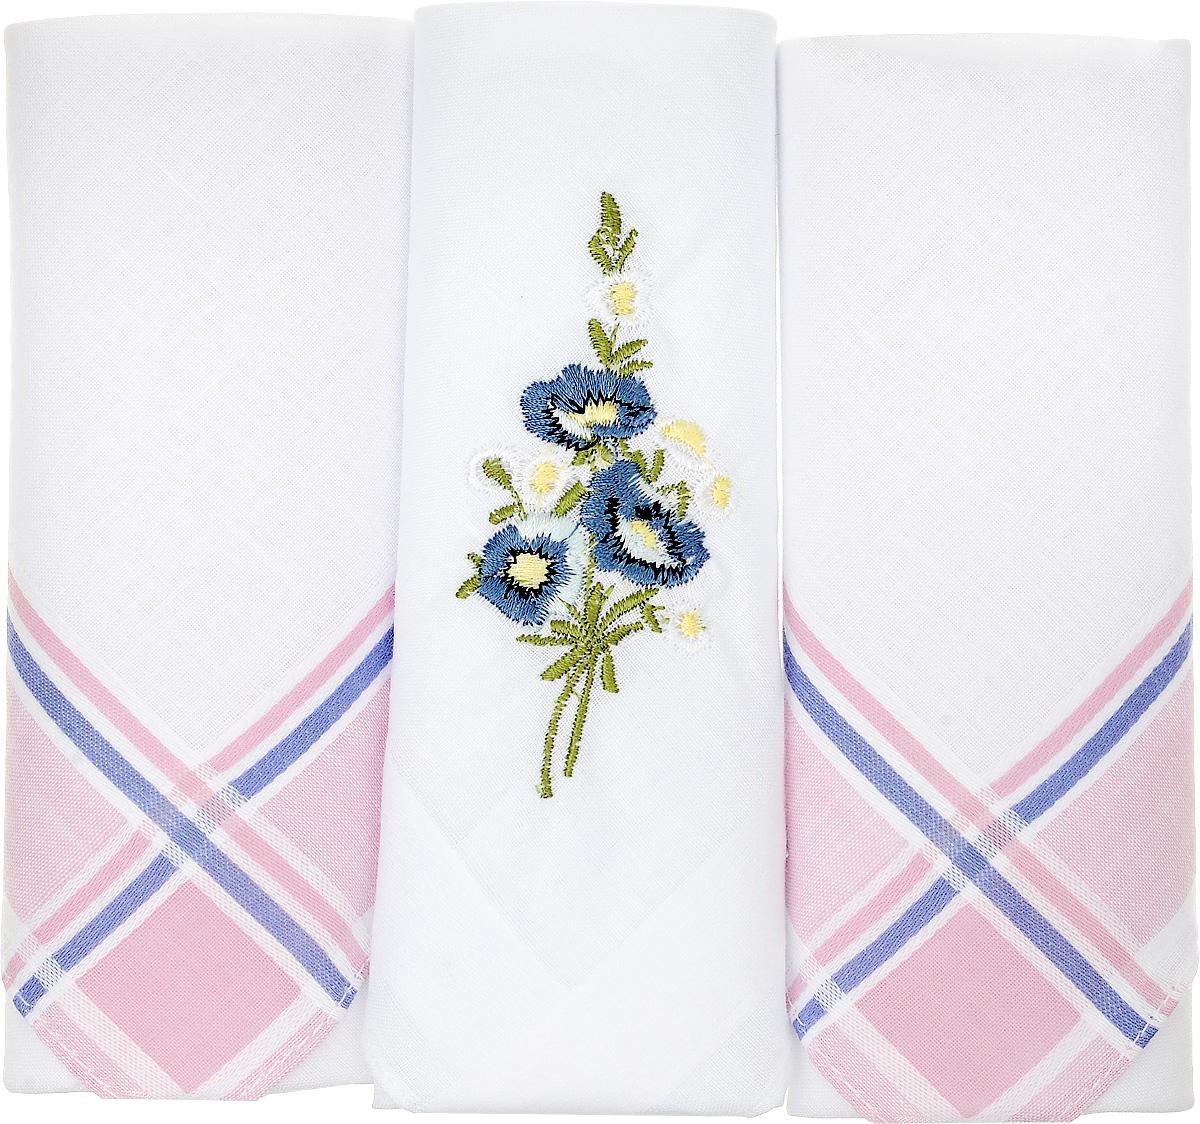 Платок носовой женский Zlata Korunka, цвет: белый, розовый, синий. 90329-49. Размер 29 х 29 см, 3 шт39864|Серьги с подвескамиНосовой платок Zlata Korunka изготовлен из высококачественного натурального хлопка, благодаря чему приятен в использовании, хорошо стирается, не садится и отлично впитывает влагу. Практичный и изящный носовой платок будет незаменим в повседневной жизни любого современного человека. Такой платок послужит стильным аксессуаром и подчеркнет ваше превосходное чувство вкуса.В комплекте 3 платка.